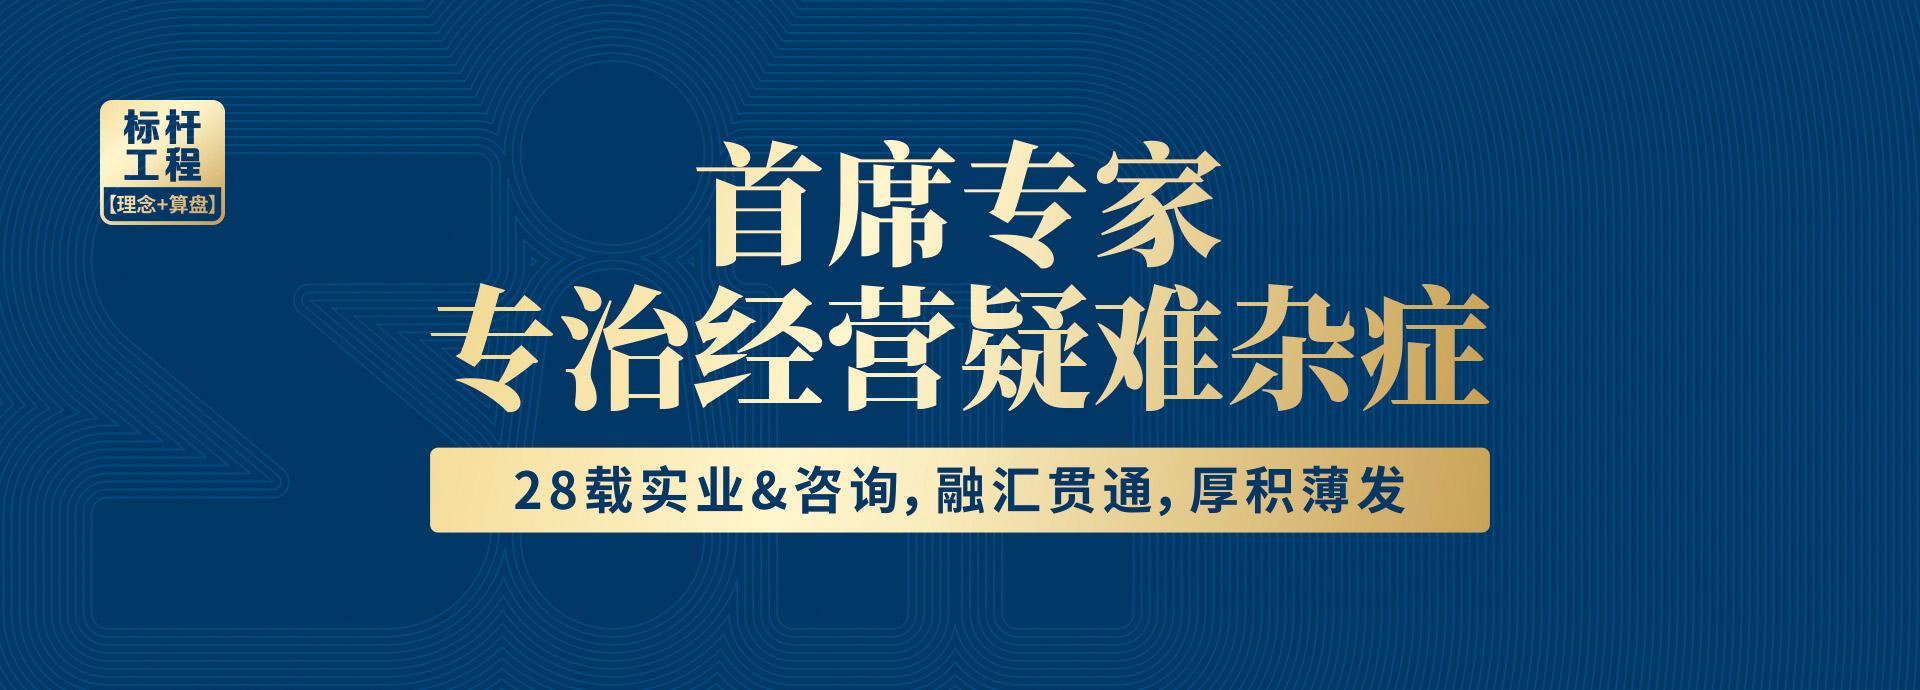 广州道成咨询-阿米巴咨询公司道成简介-道成咨询创始人田和喜banner